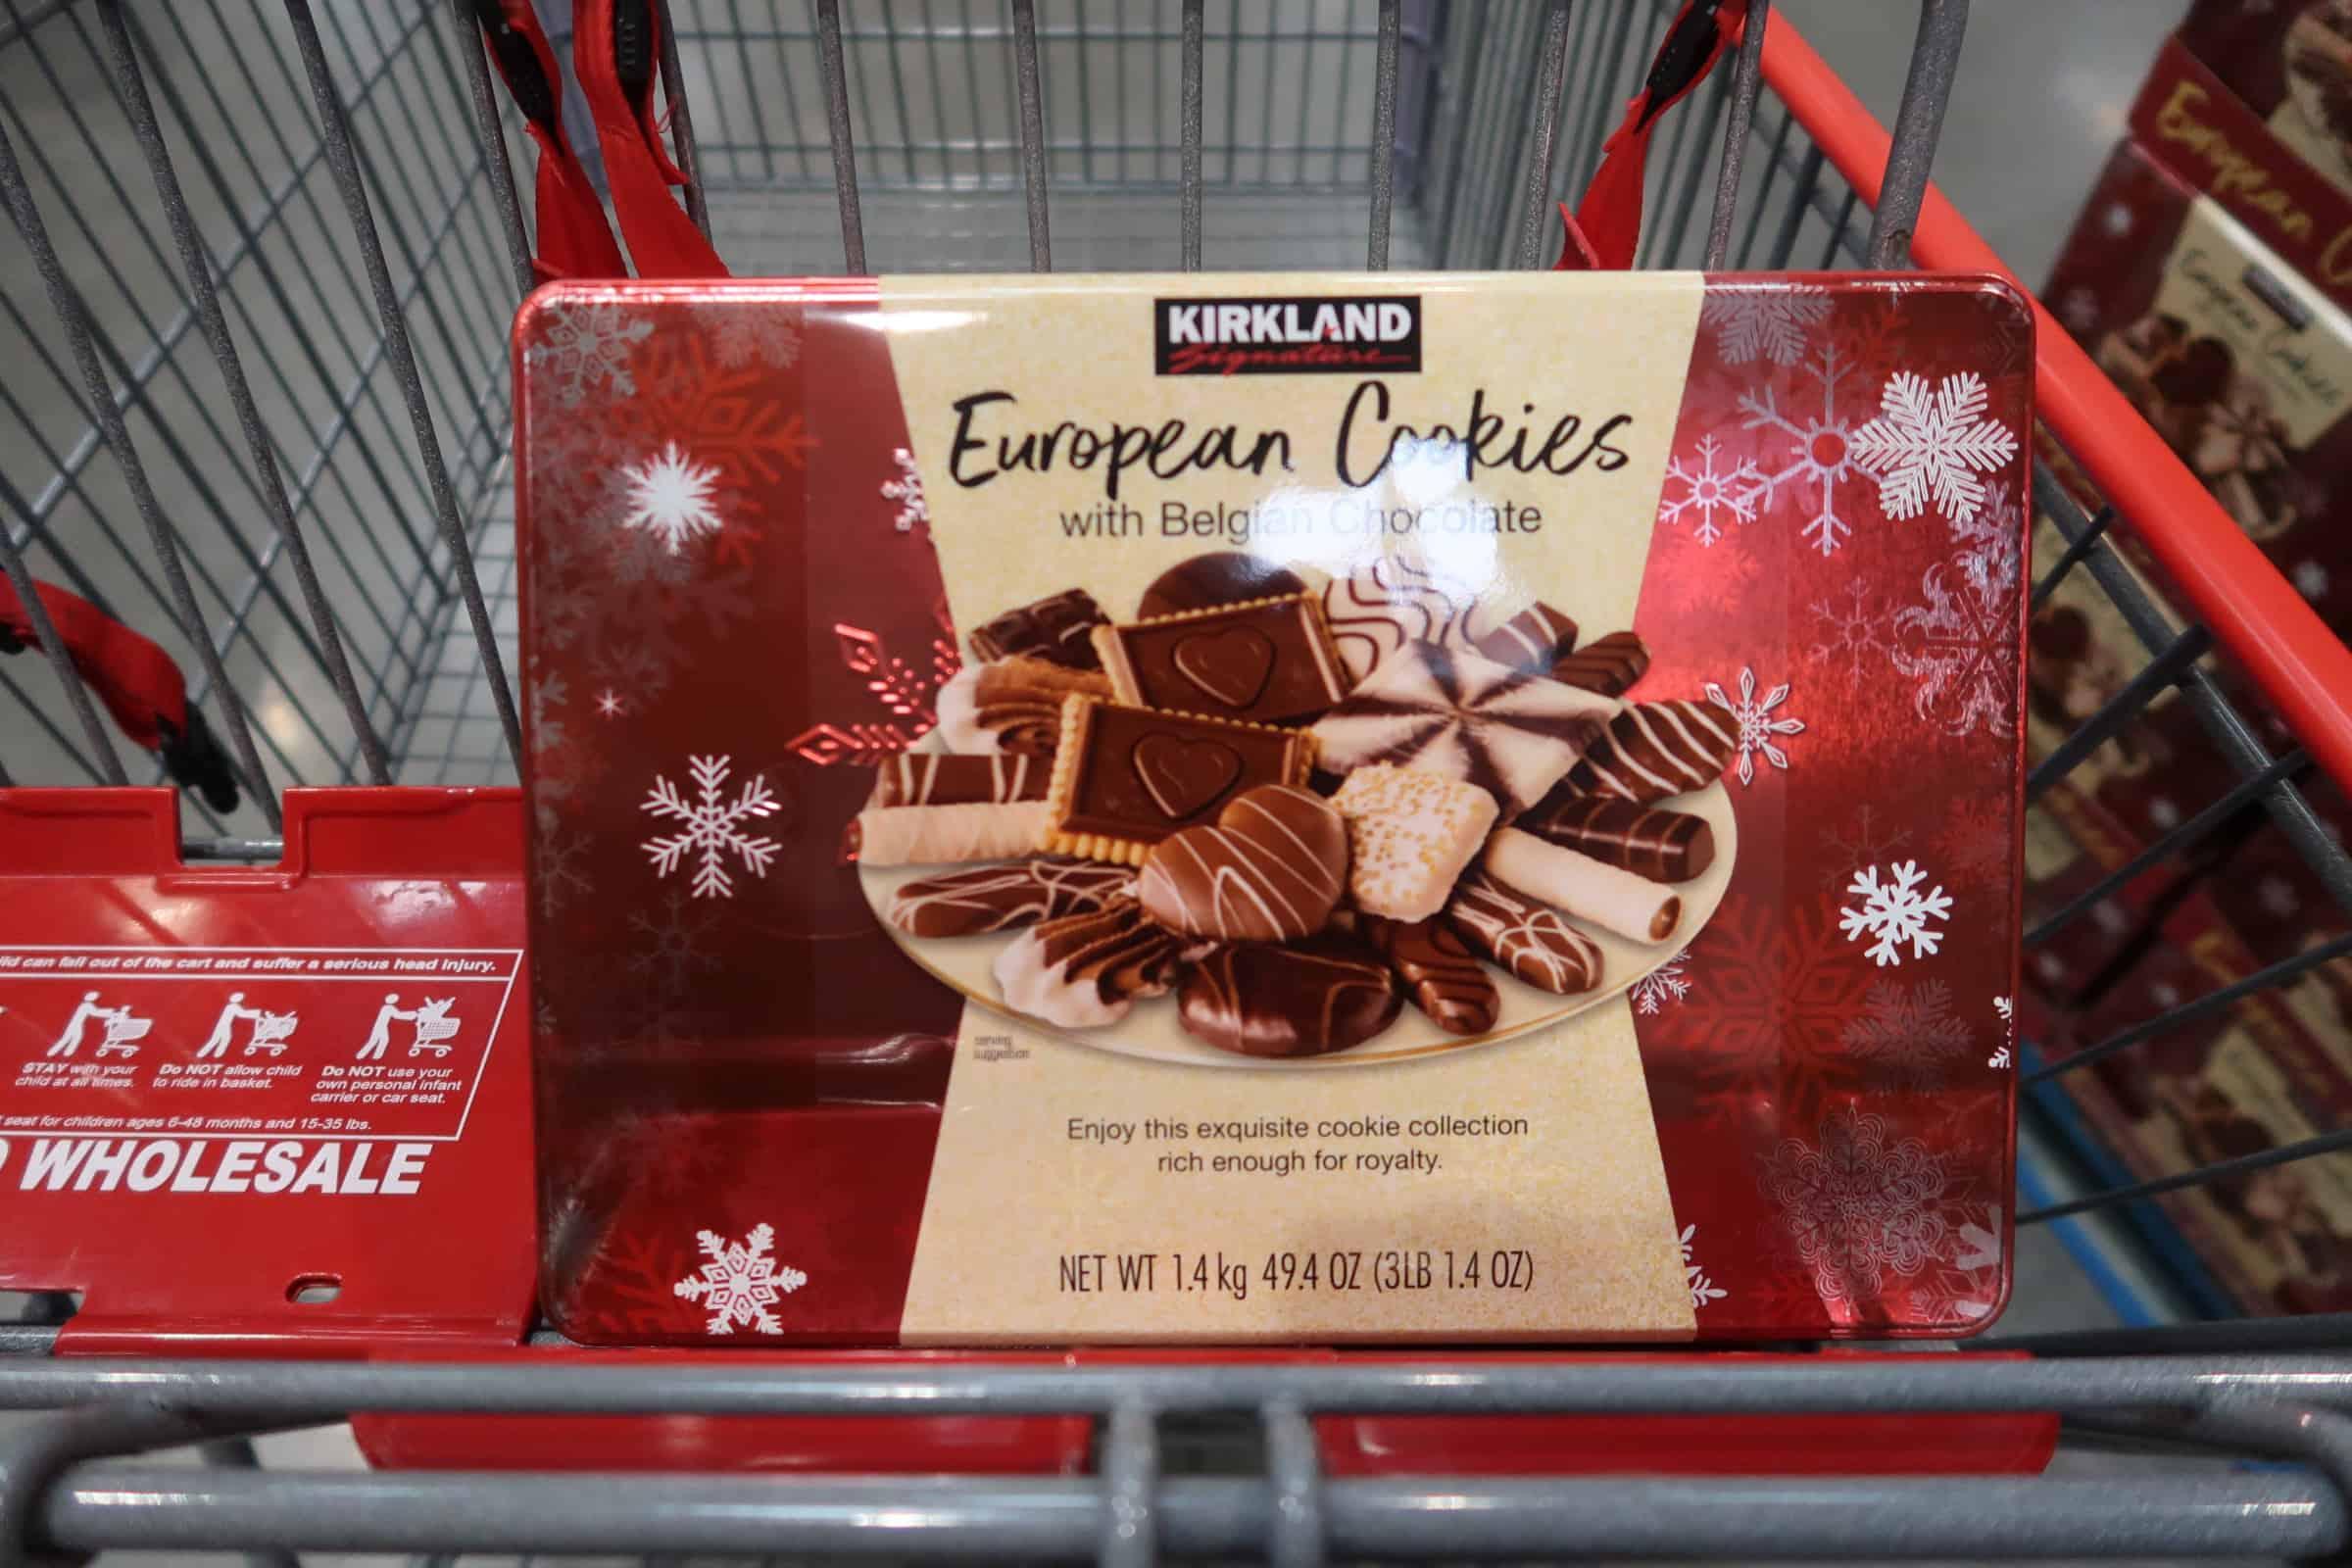 Grab Kirkland European Cookies $11.99